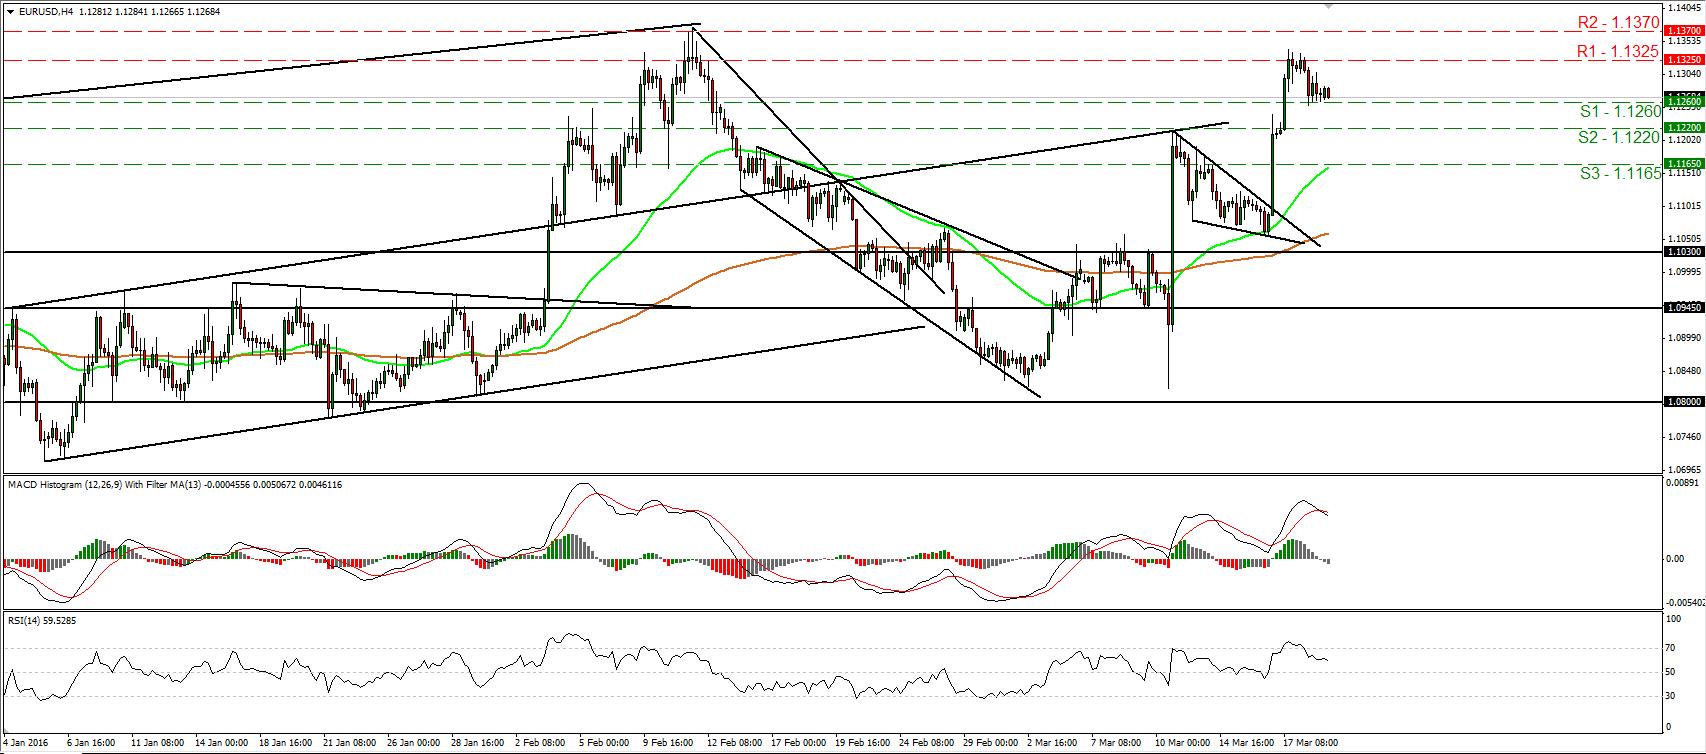 Gráfico diario del par de divisas EUR/USD